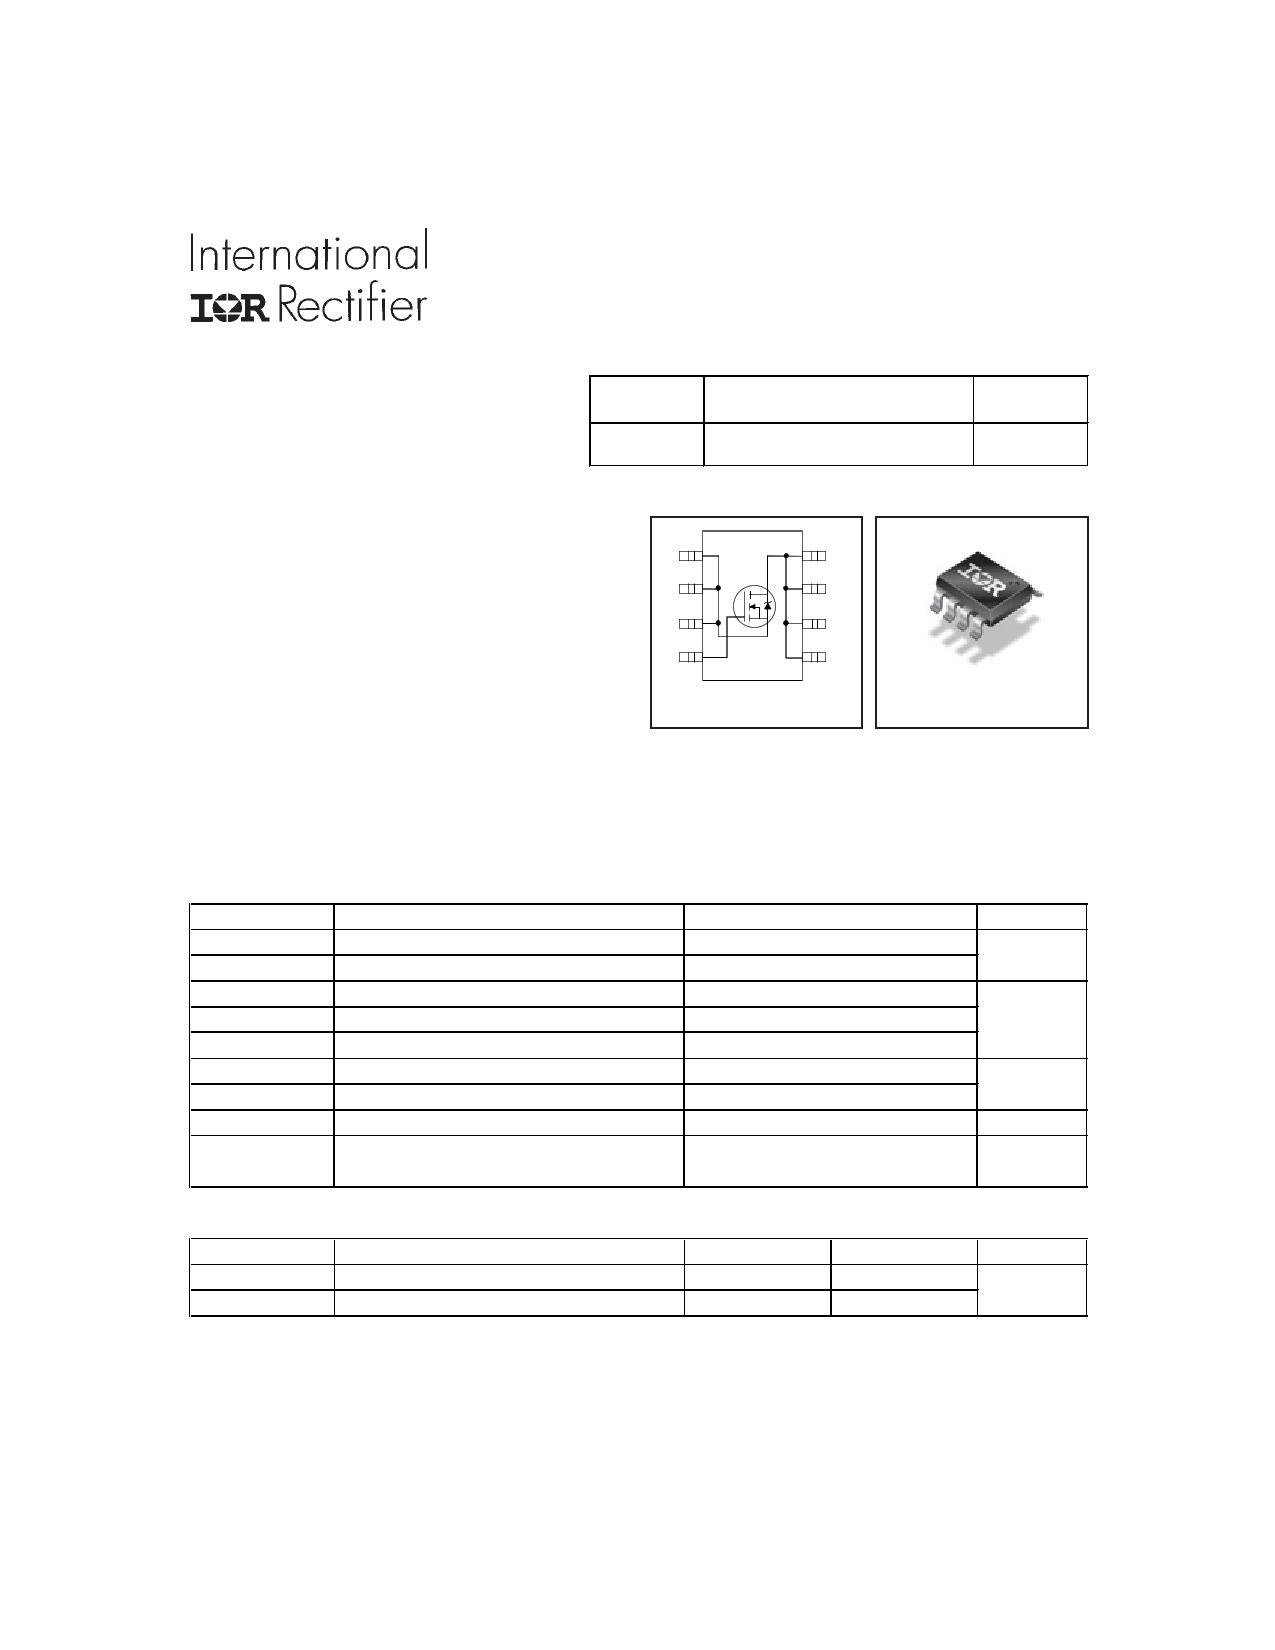 IRF7832Z Datasheet, IRF7832Z PDF,ピン配置, 機能